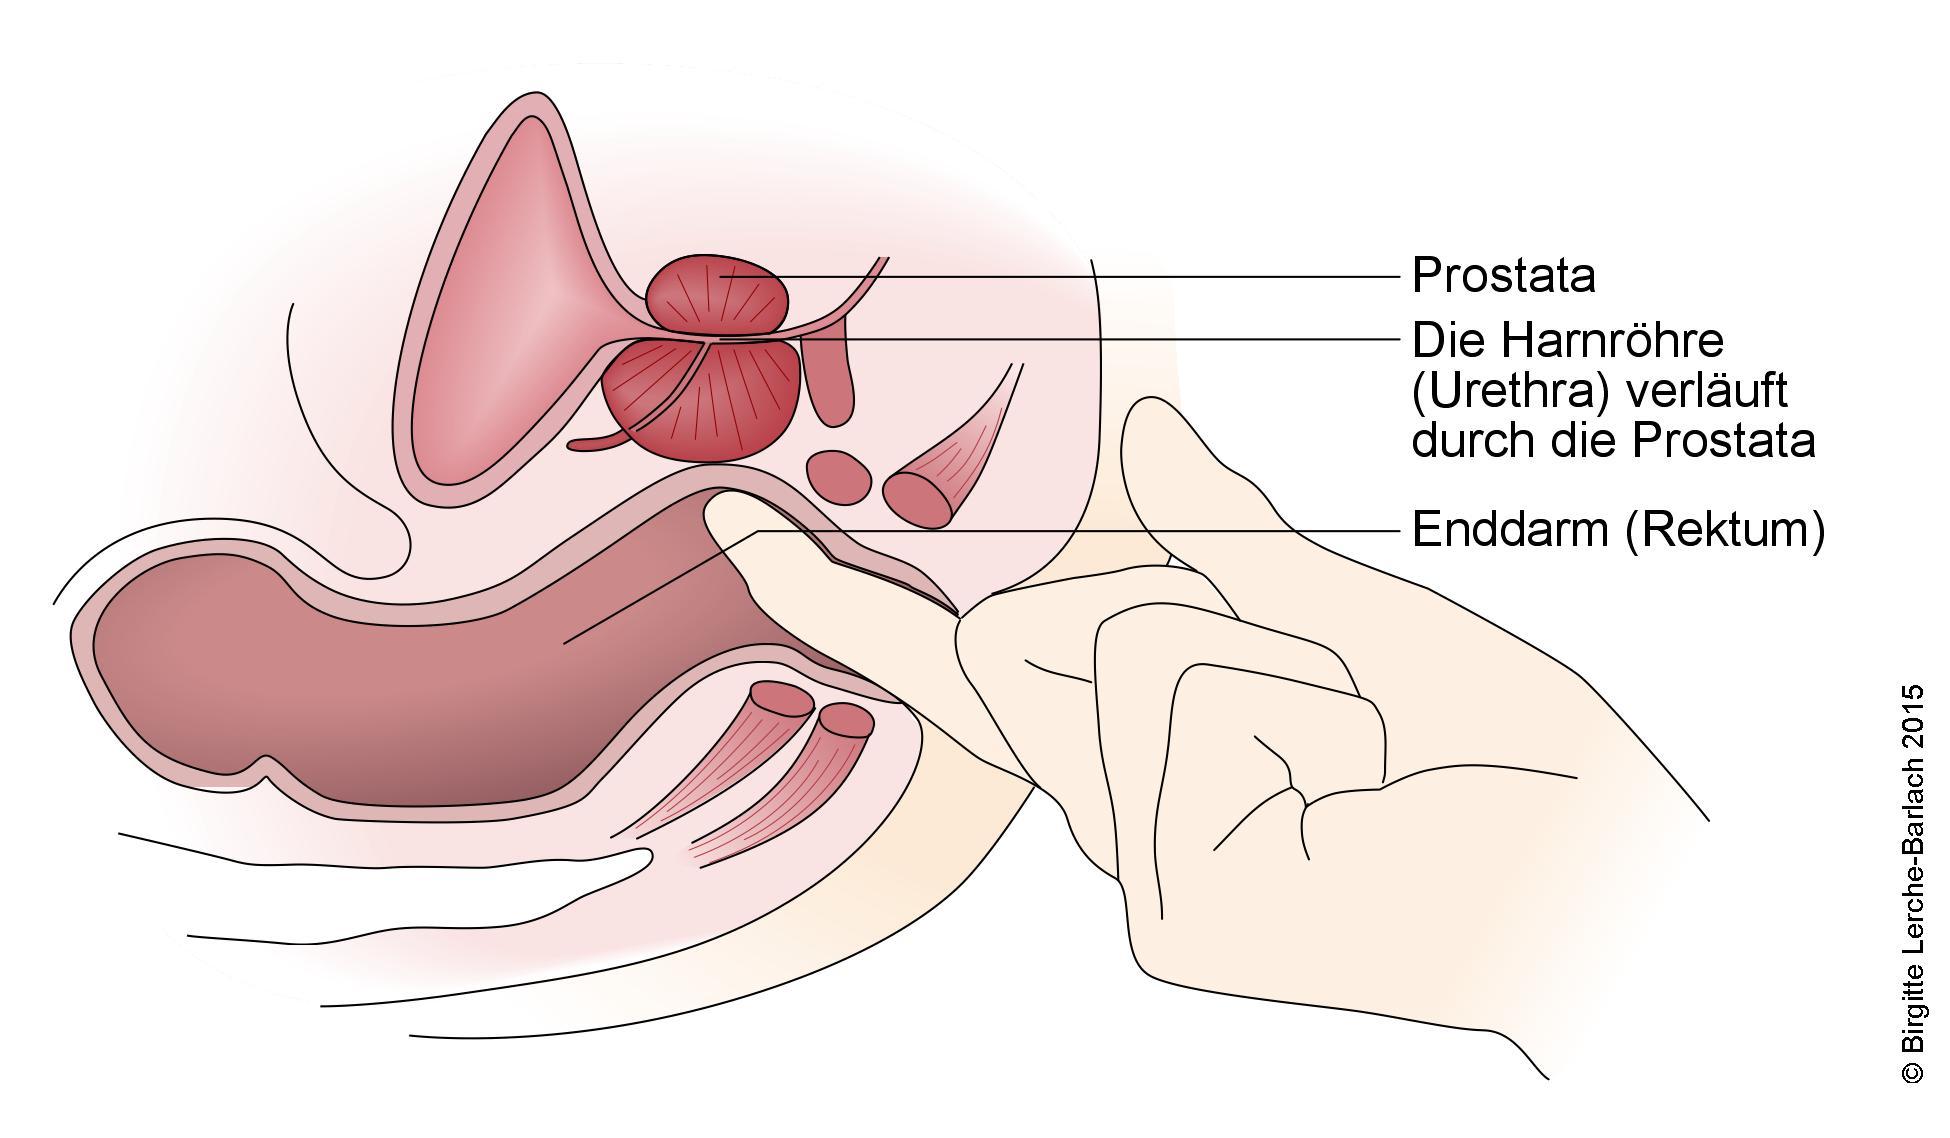 Untersuchung der Prosta.jpg